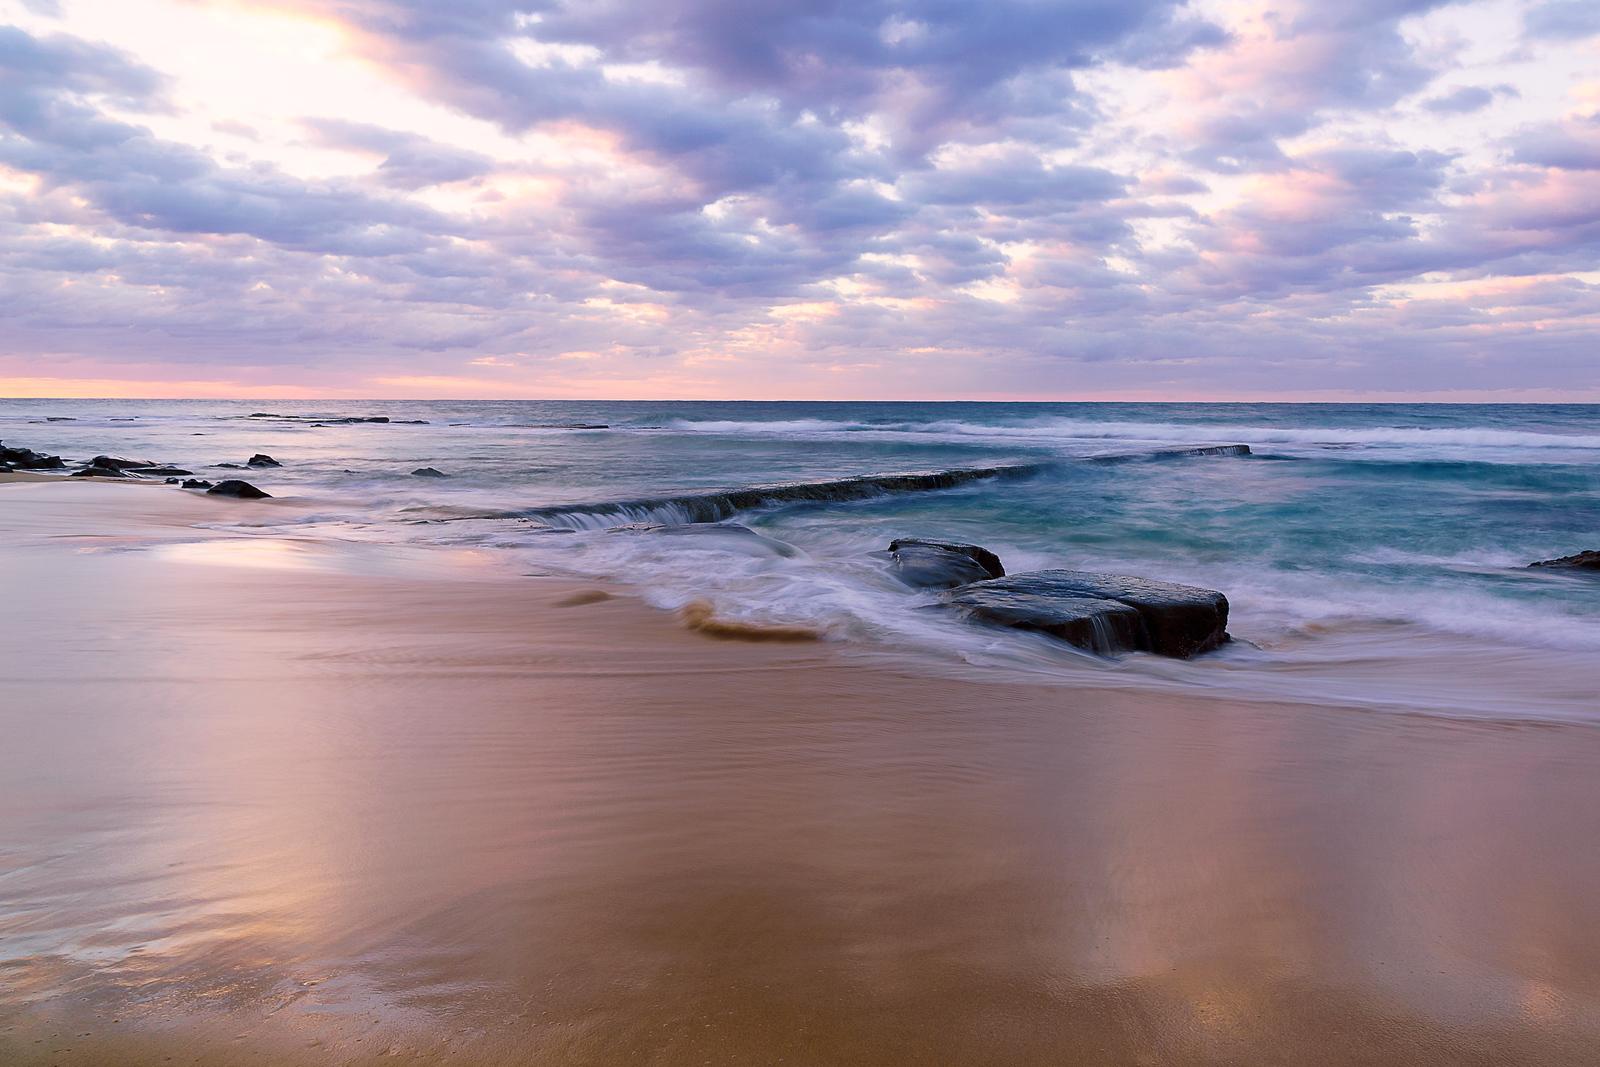 Sunrise at Bar Beach